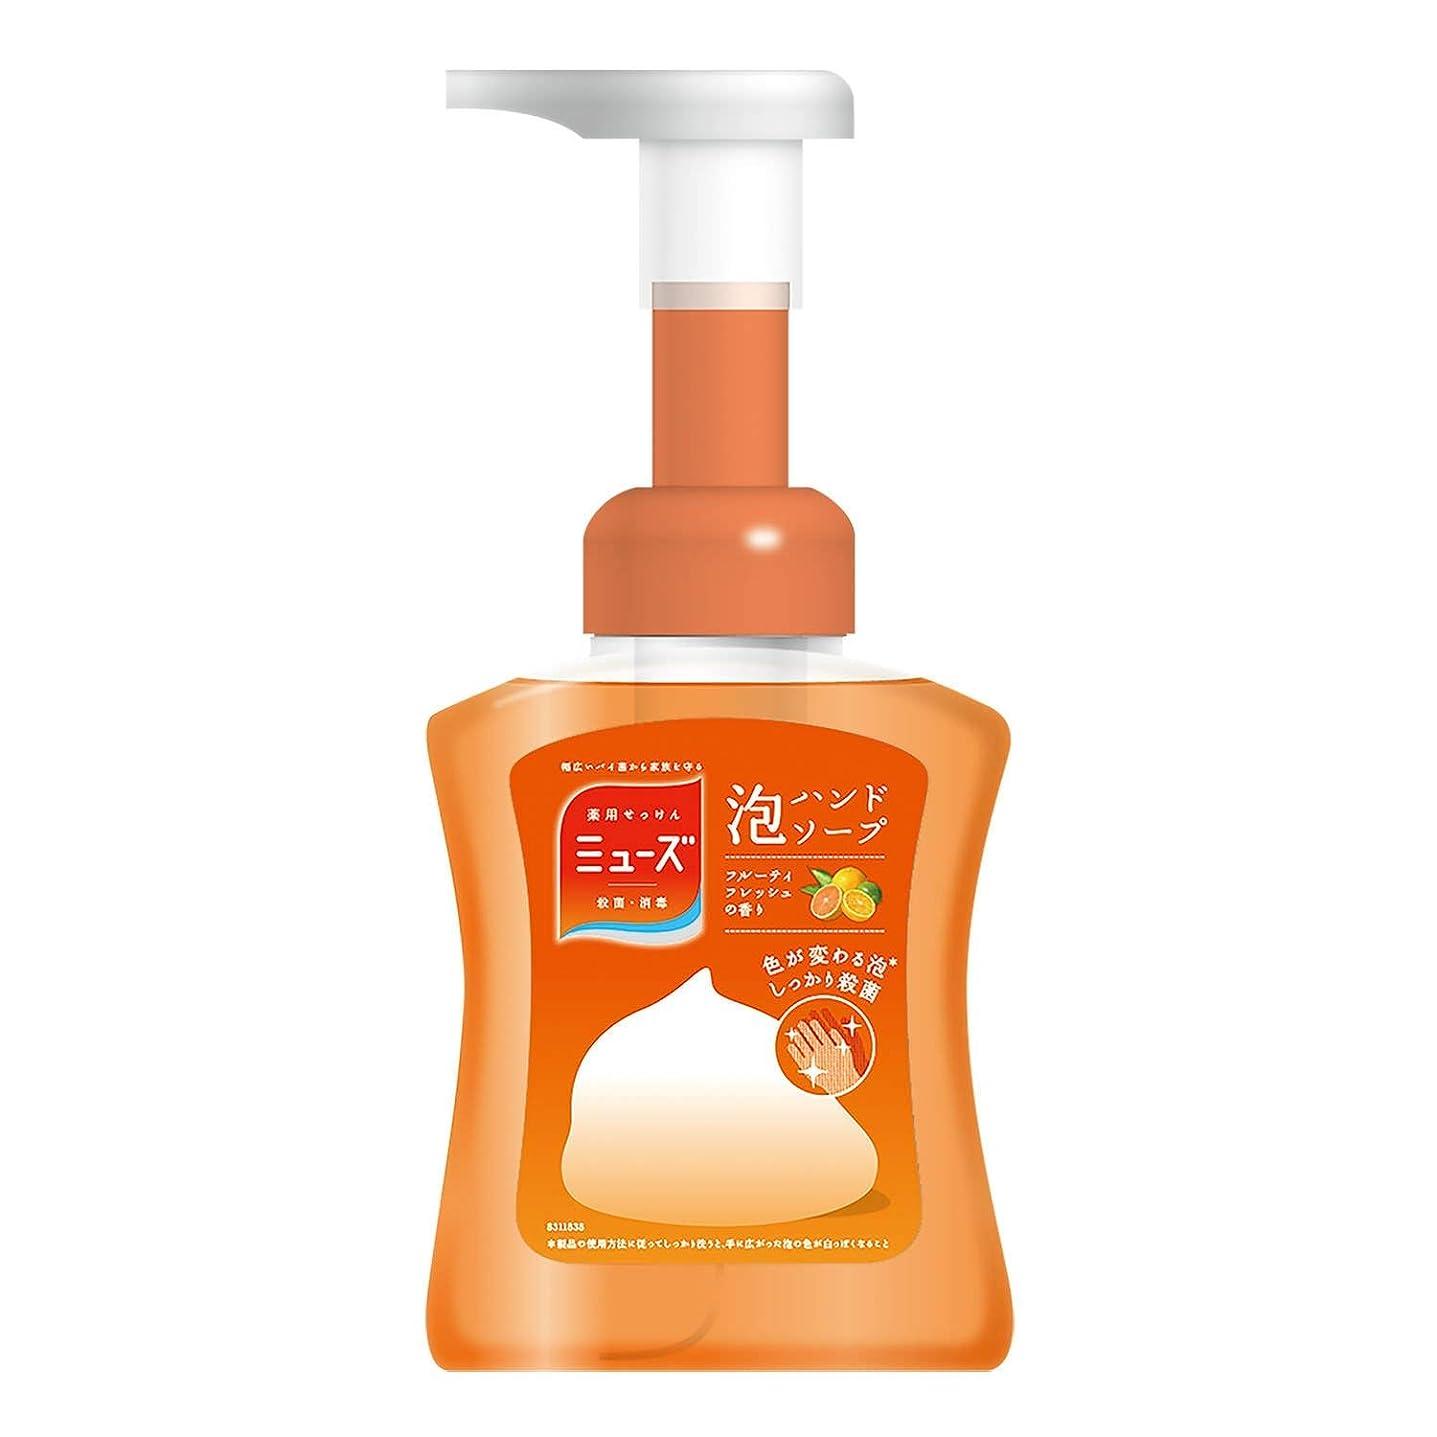 マウント買収放射する【医薬部外品】ミューズ 泡 ハンドソープ フルーティフレッシュの香り 色が変わる泡 本体ボトル 250ml 殺菌 消毒 手洗い 保湿成分配合